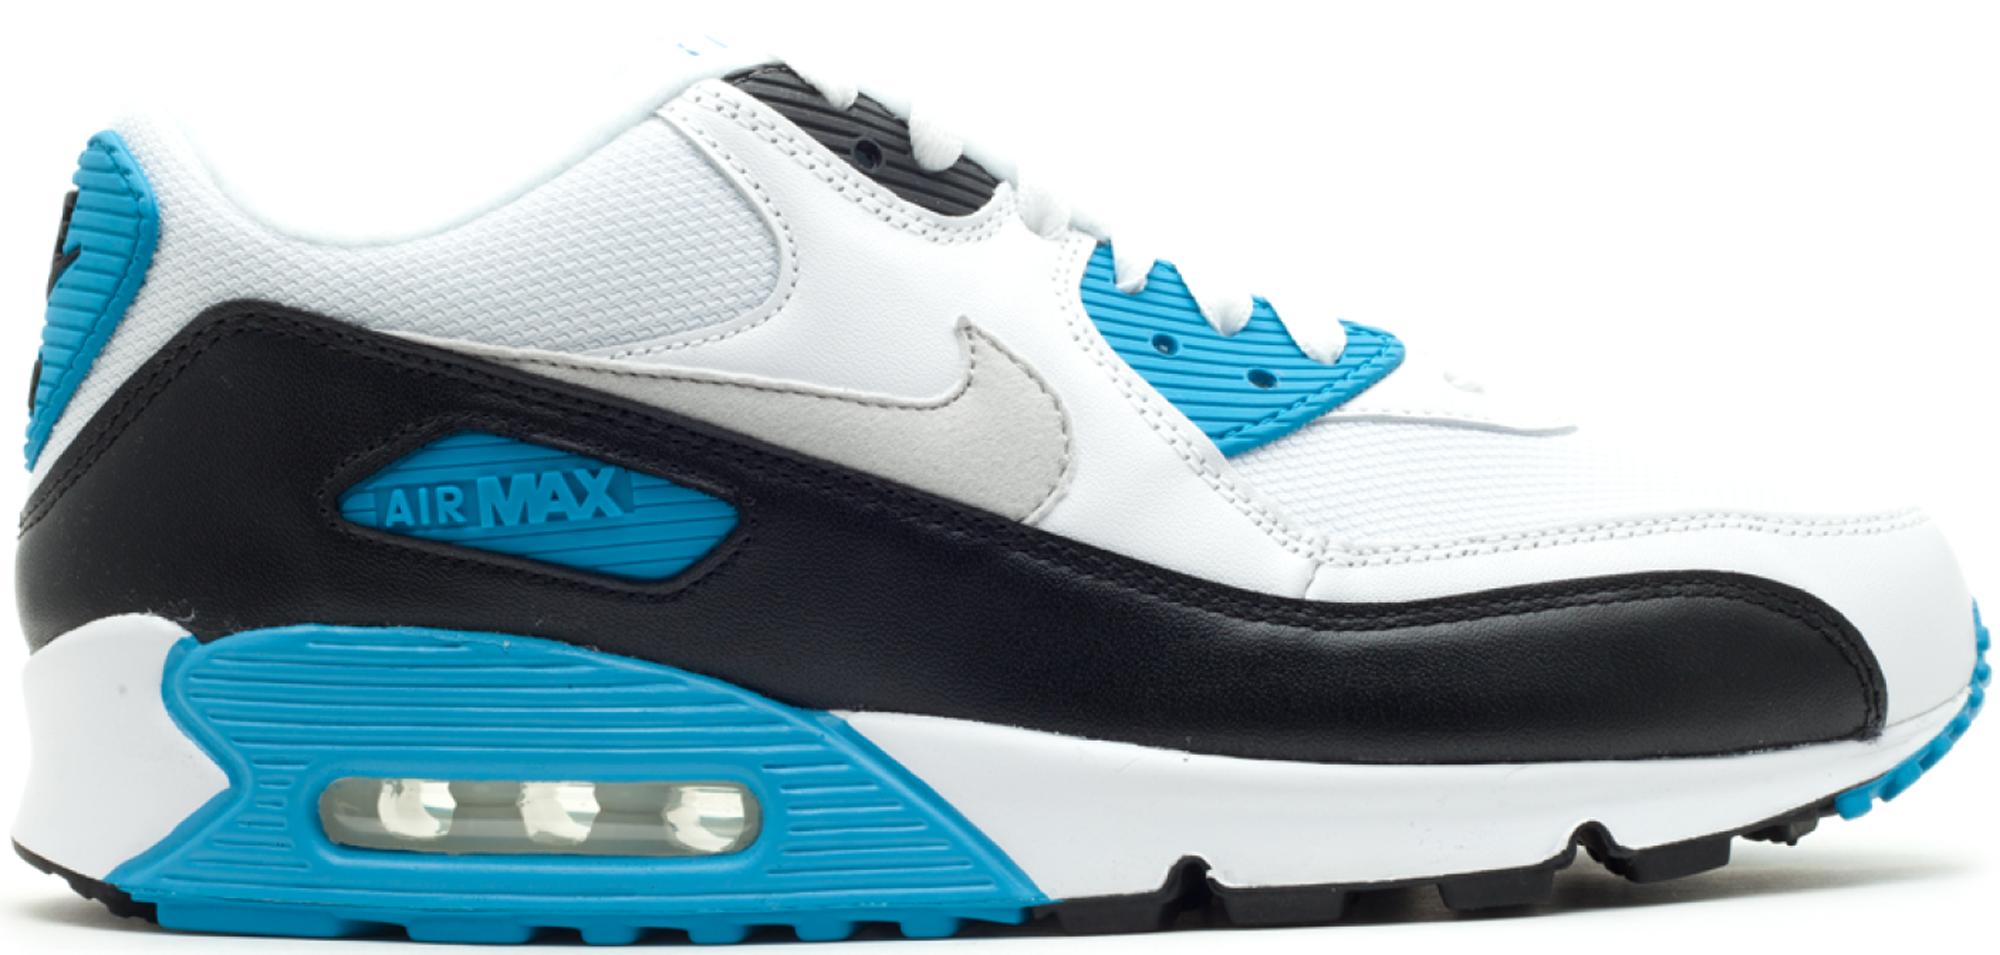 Nike Air Max 90 2010 Laser Bleu F450